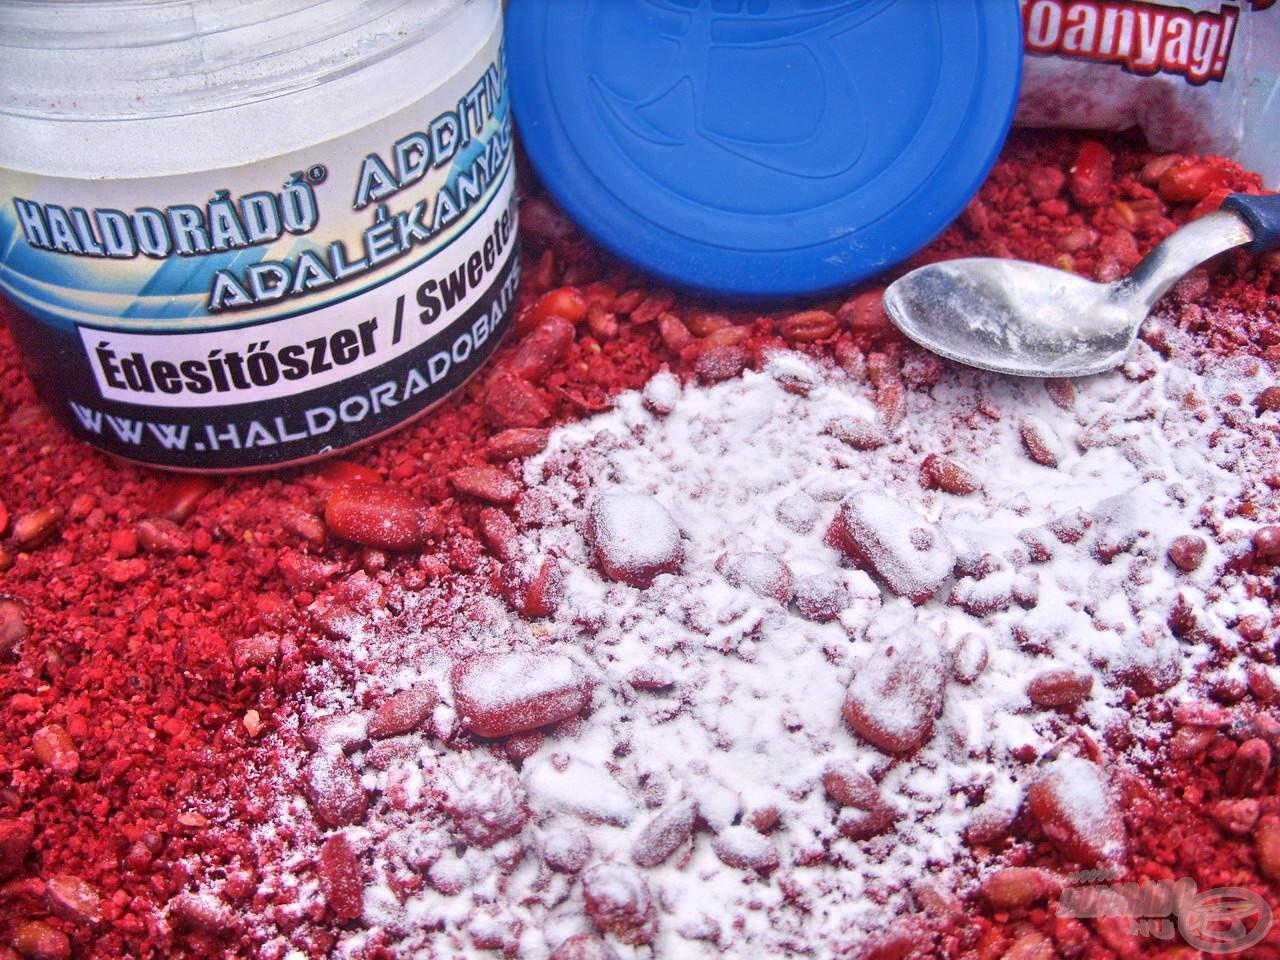 Kevés is elegendő ebből a finom fehér porból, és etetőanyagunk olyan édes ízzel fog rendelkezni, aminek nehezen tudnak ellenállni a halak